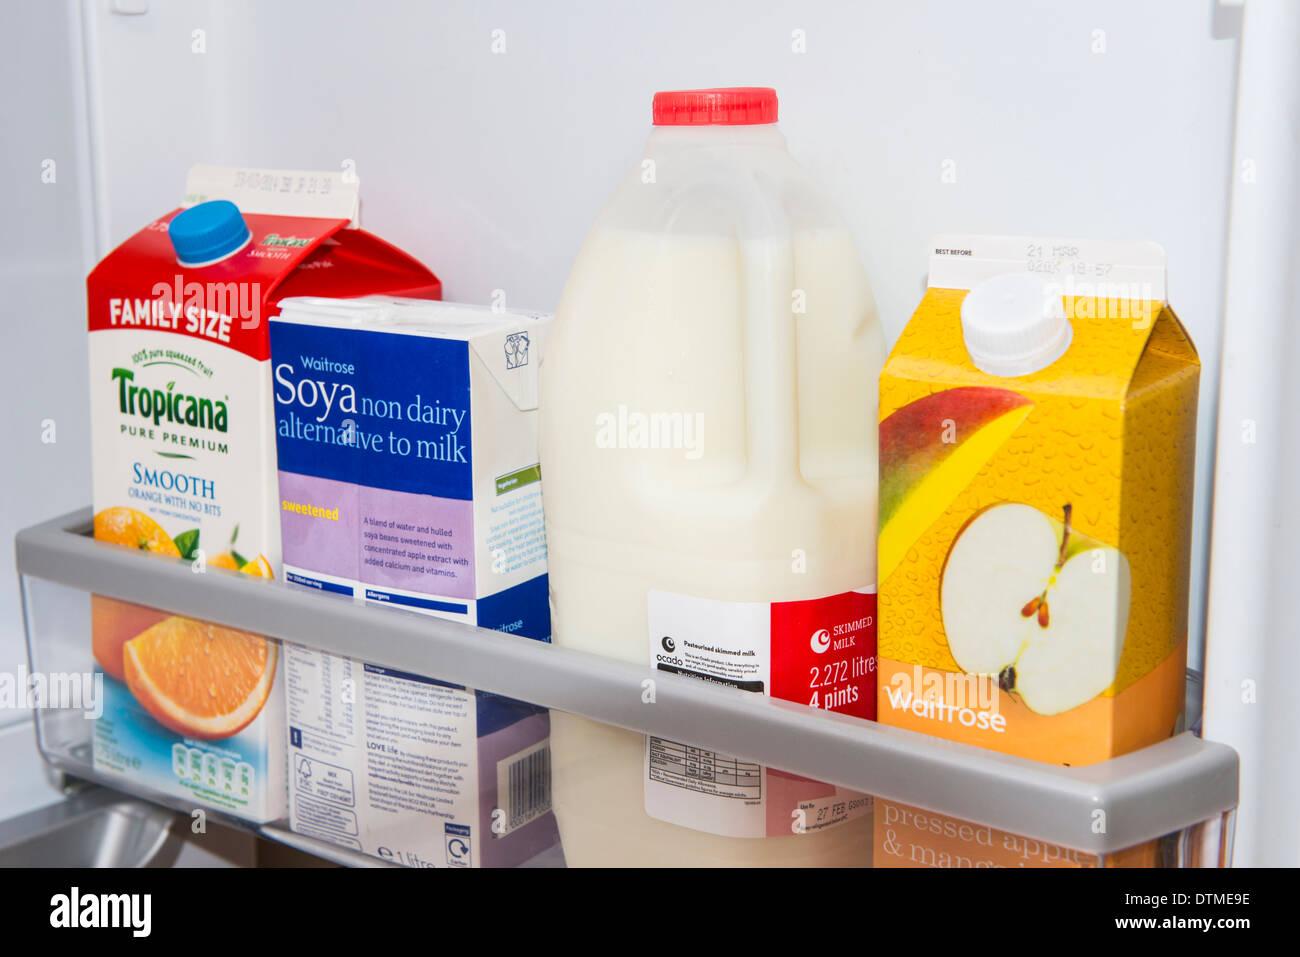 Una porta frigo pieno di latte, il latte di soia e succhi di frutta. Immagini Stock